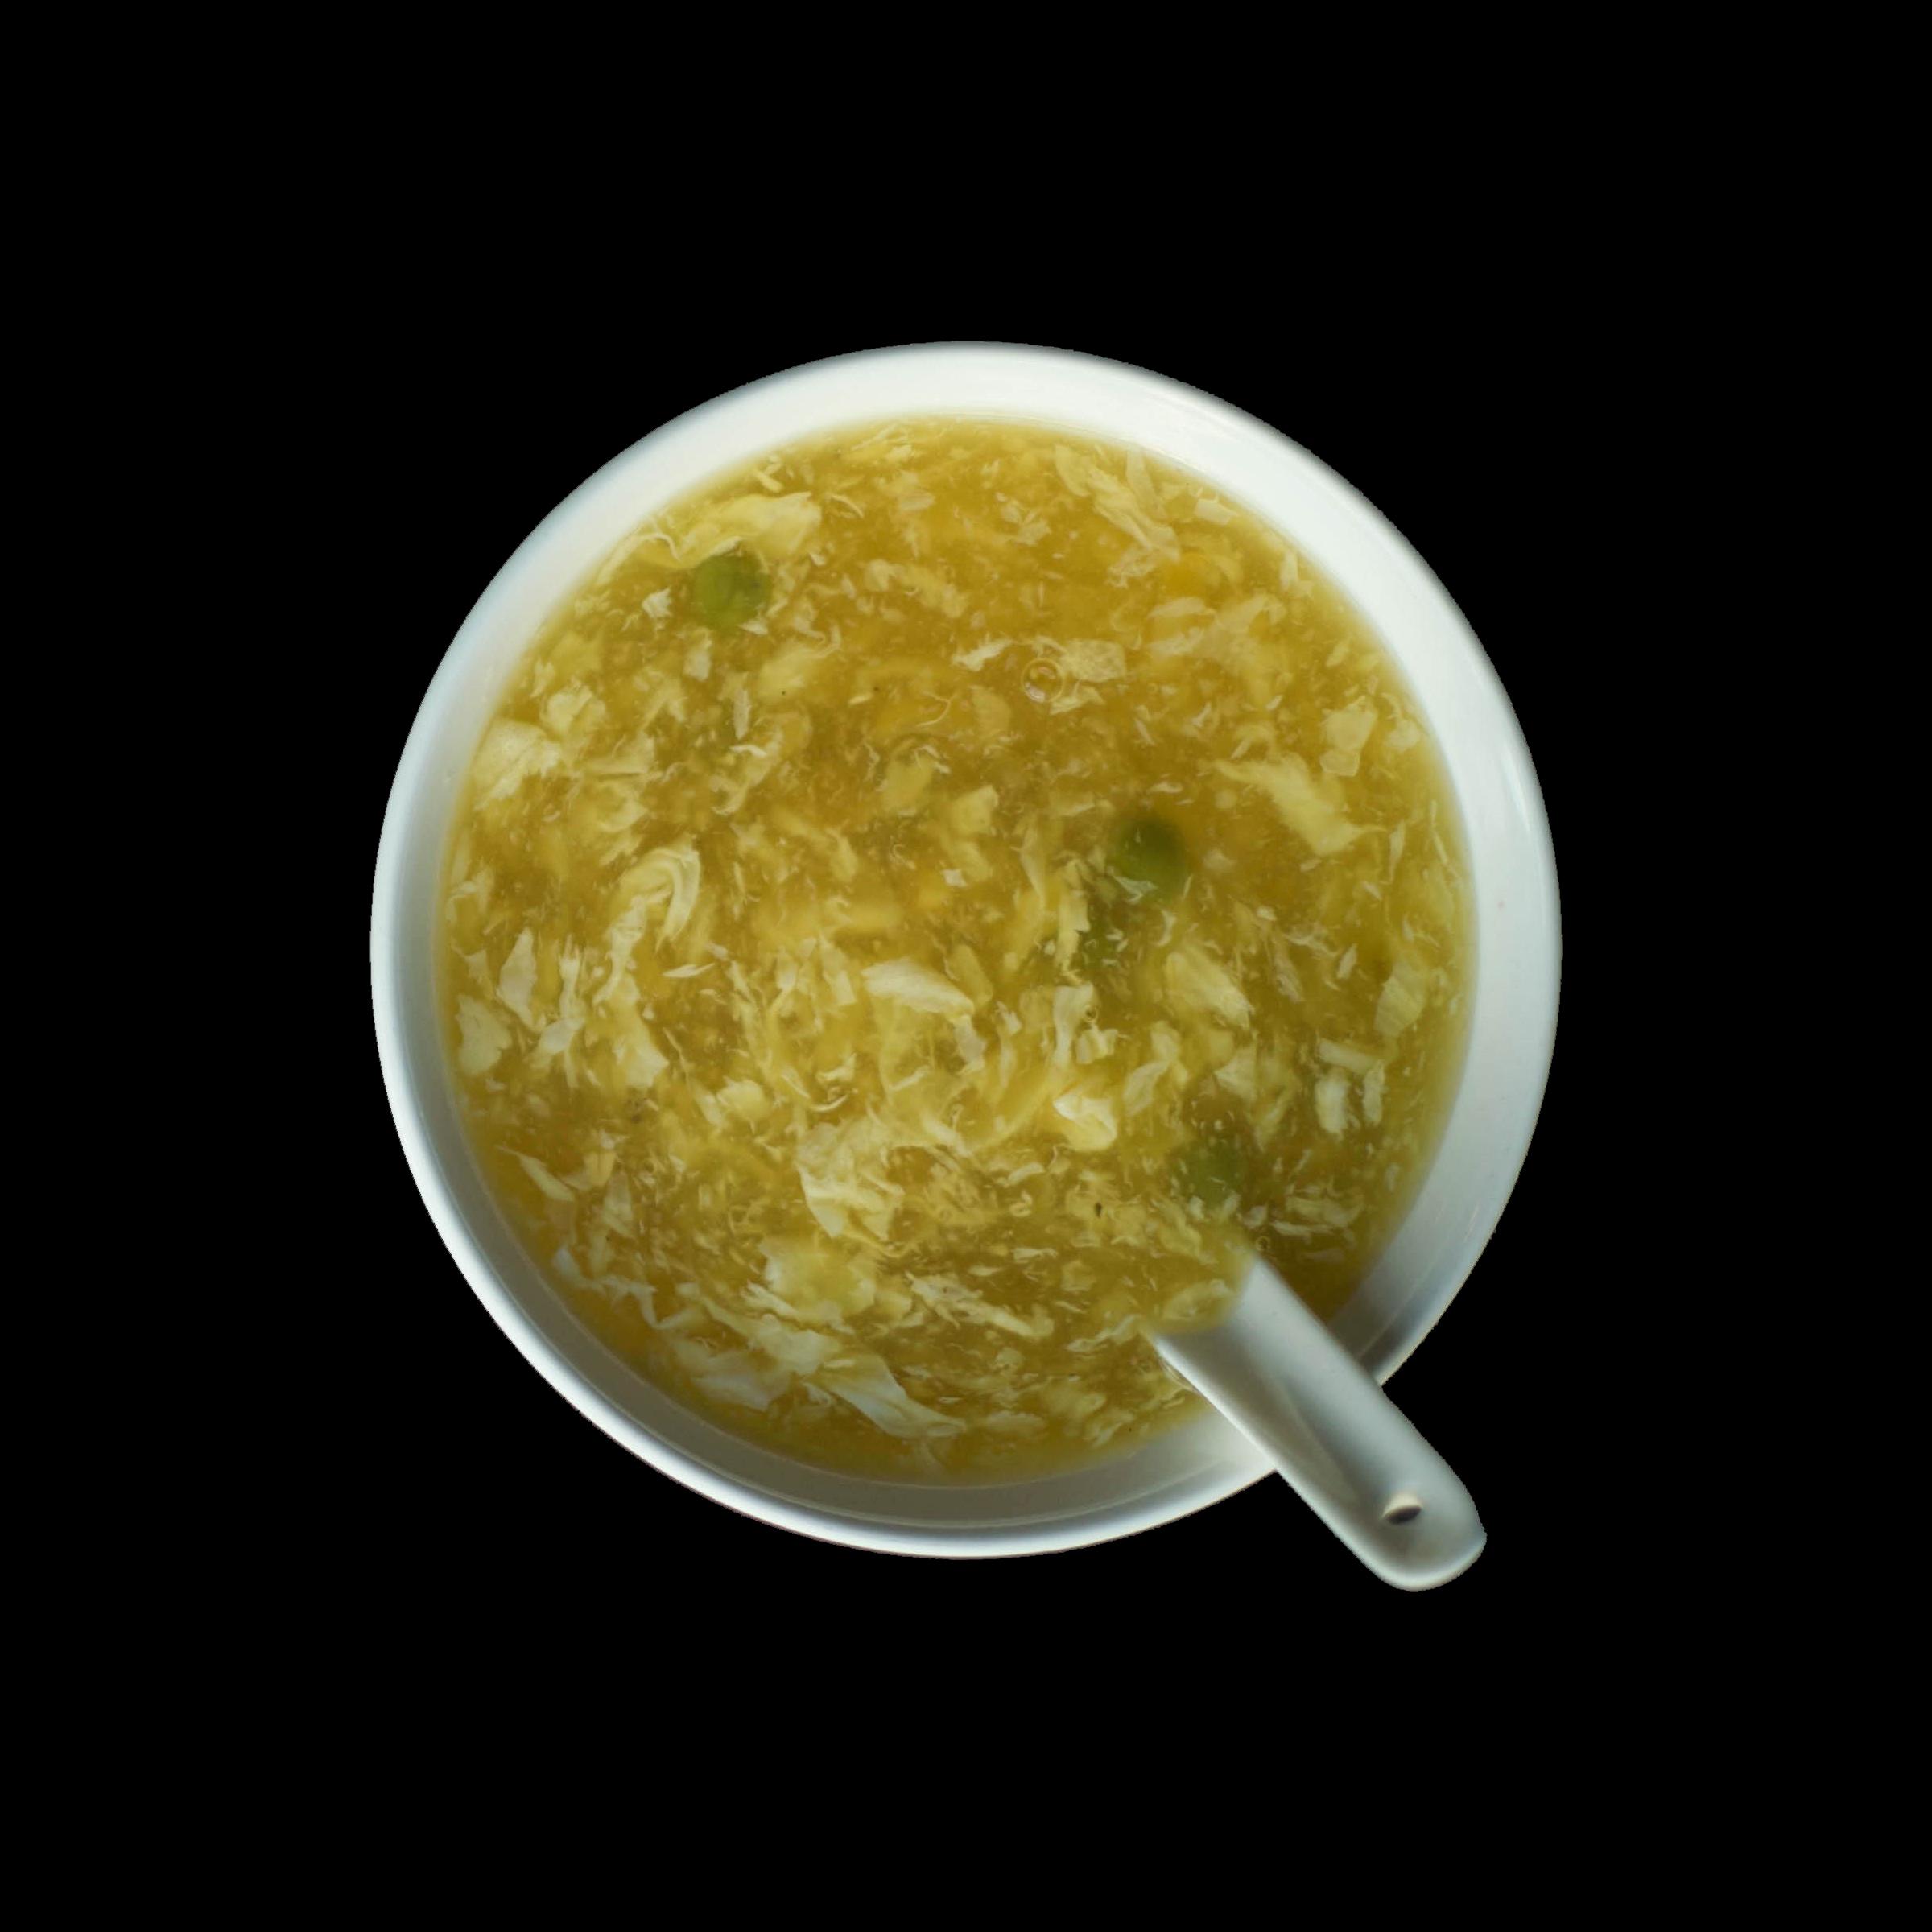 42. 蛋花汤 Egg Flower Soup Image